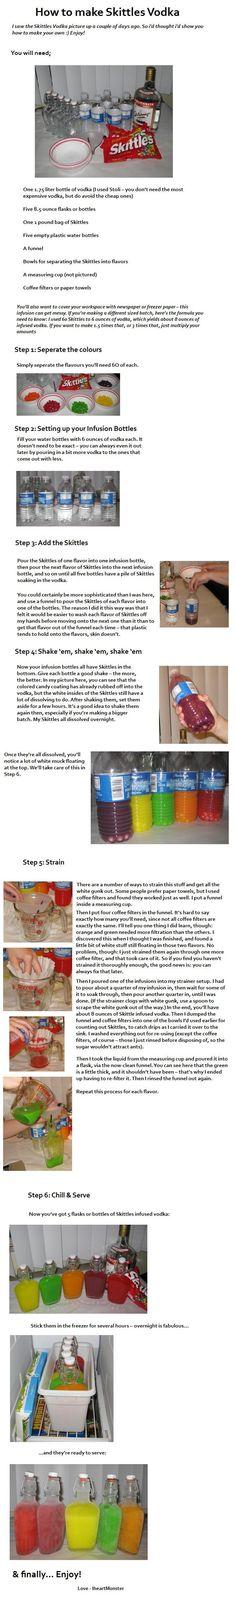 How To Make Skittles Vodka Guide